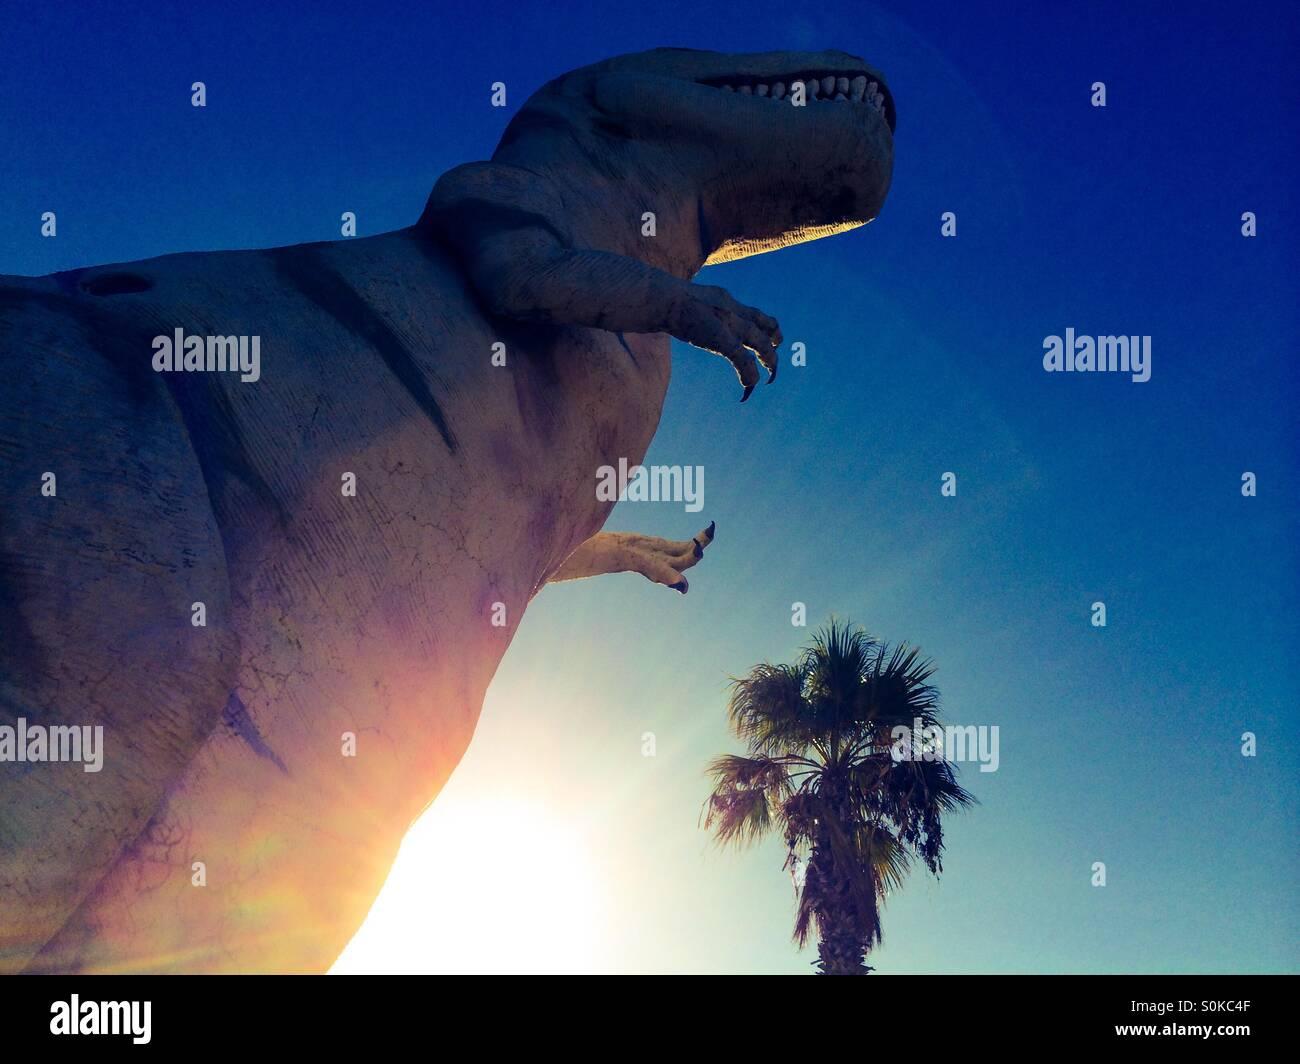 T Rex dinosaurio atracción de carretera a lo largo de la autopista en Cabazon, California cerca de Palm Springs. Imagen De Stock